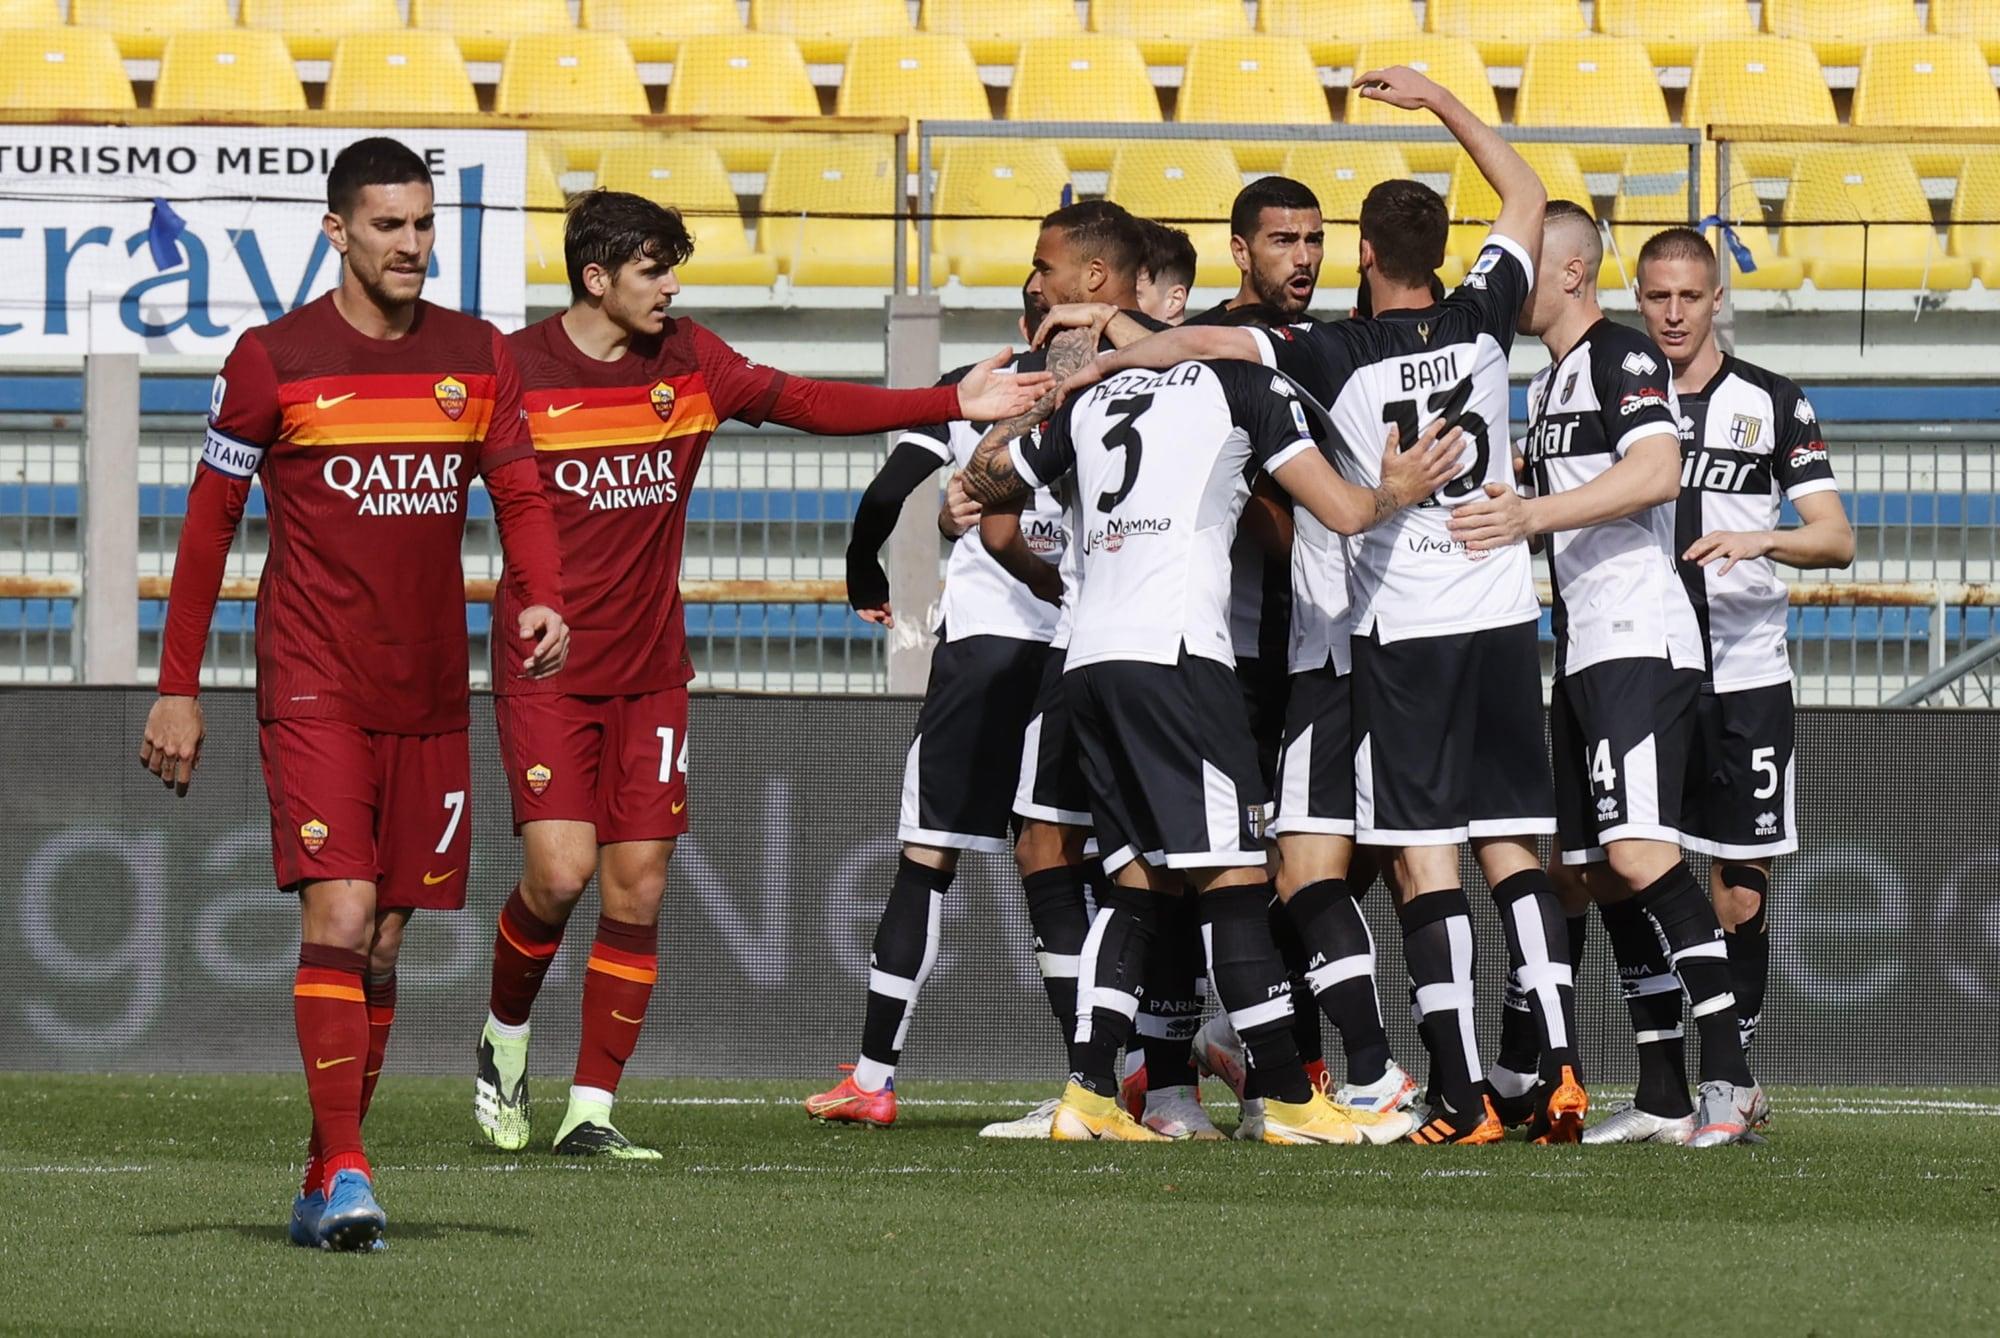 La Roma affonda a Parma: gol di Mihaila e Hernani